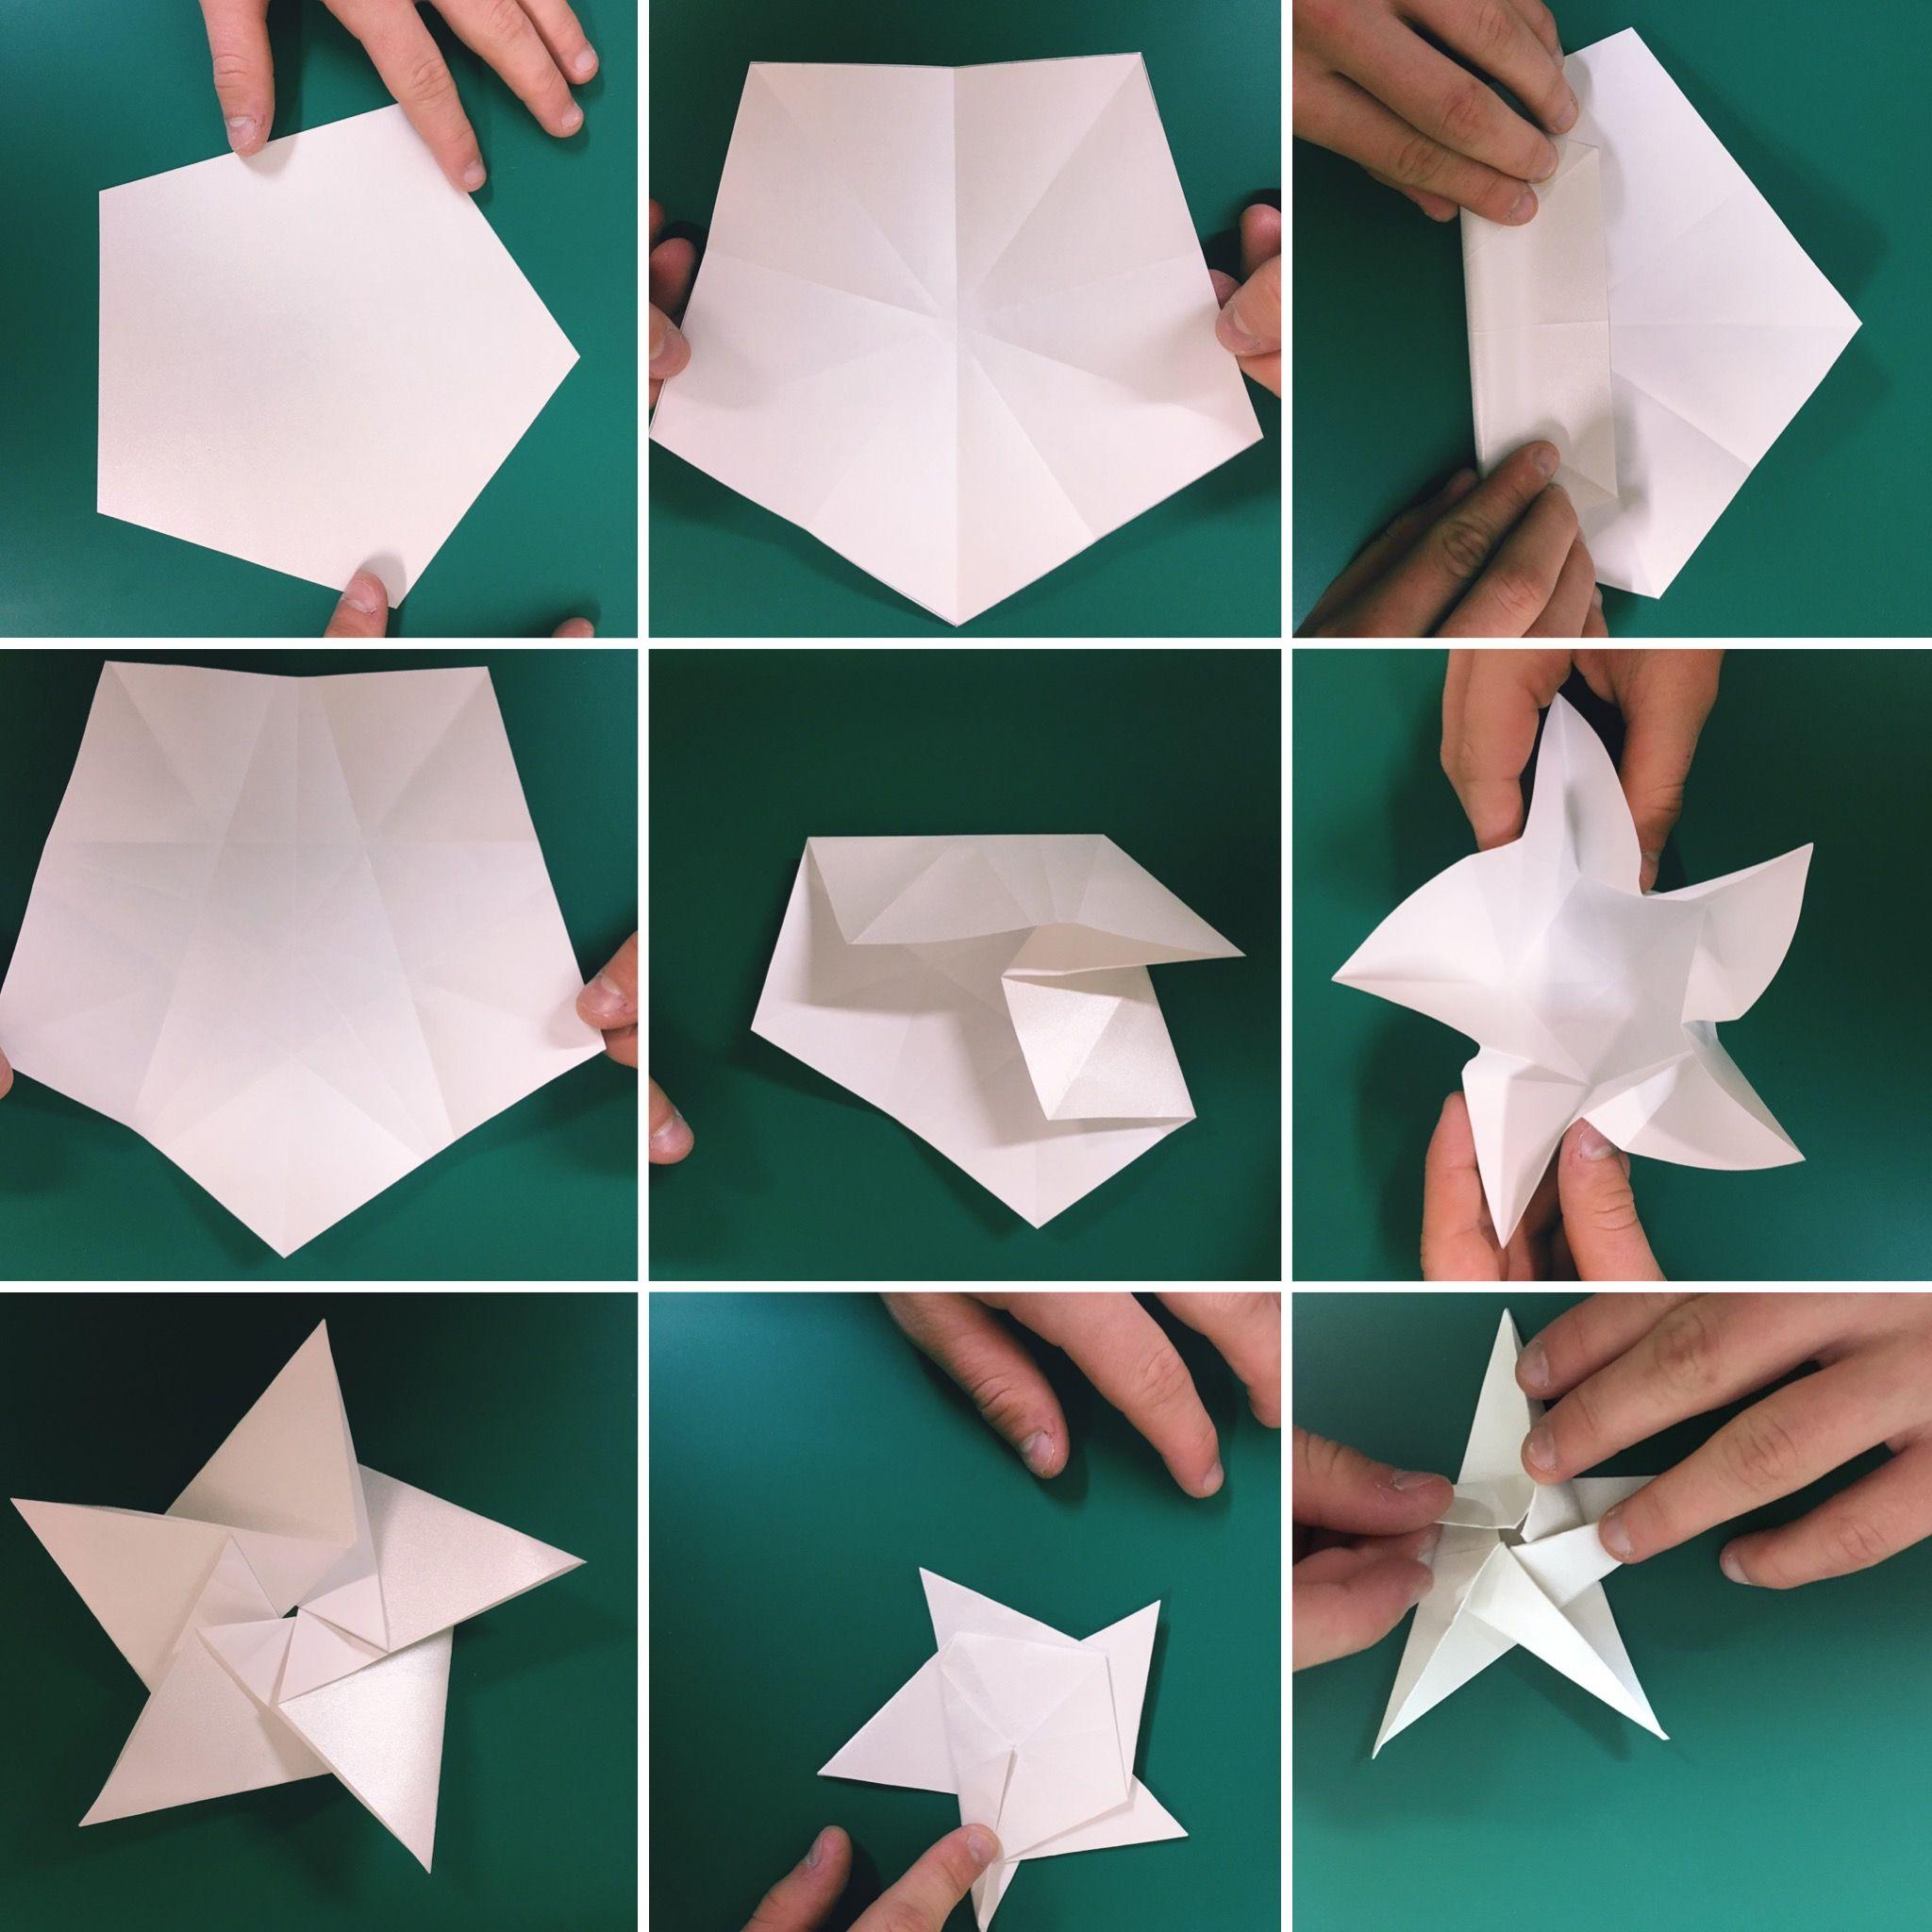 Gwiazda Origami Origami Craft Fairs Crafts